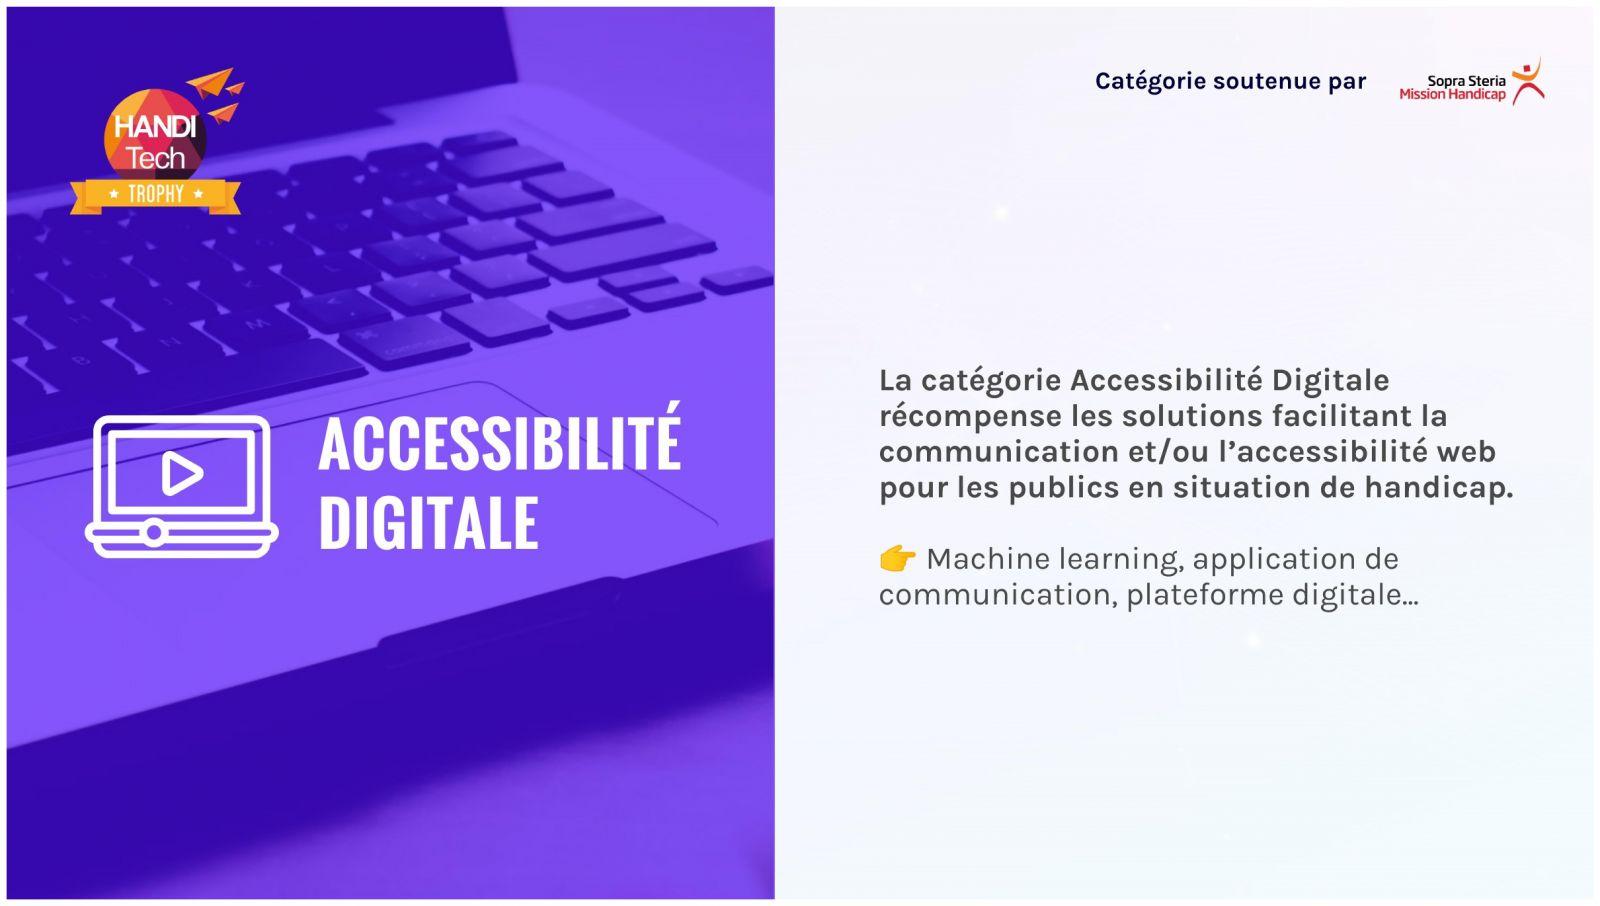 catégorie accessibilité digitale